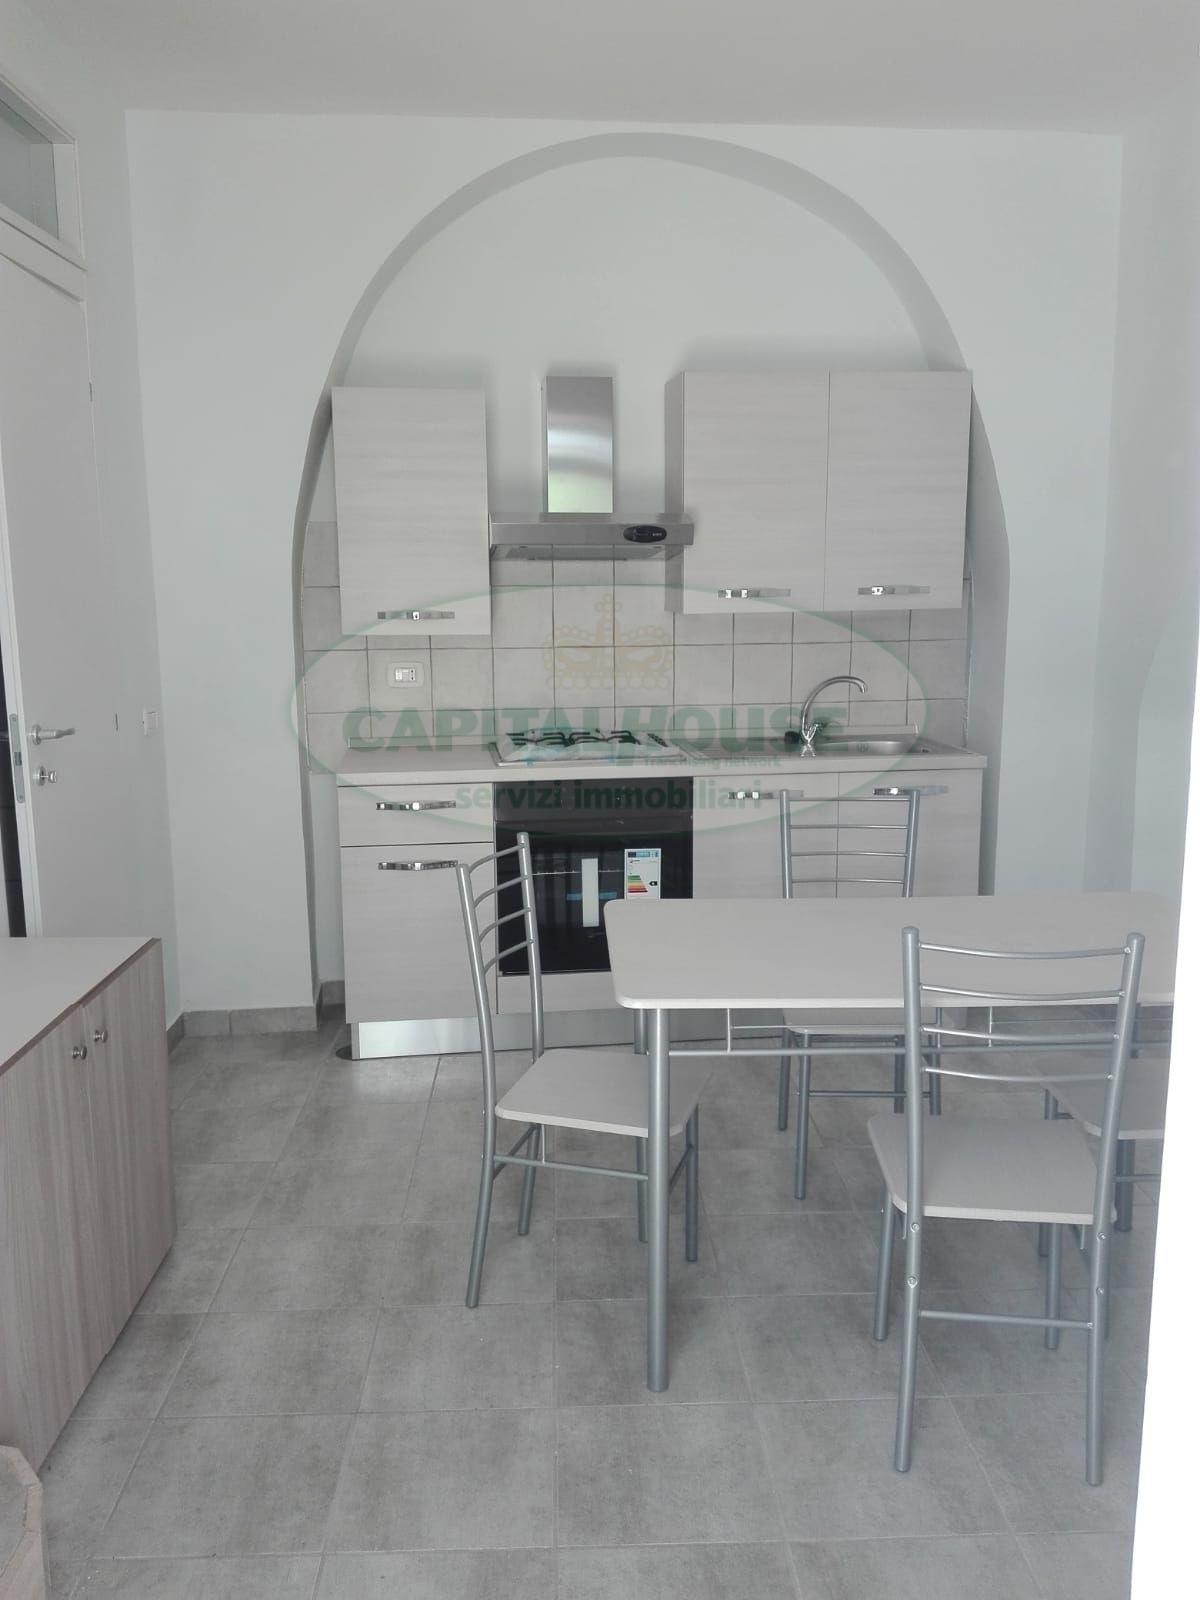 Appartamento in affitto a Caserta, 3 locali, zona Zona: Falciano, prezzo € 400 | CambioCasa.it